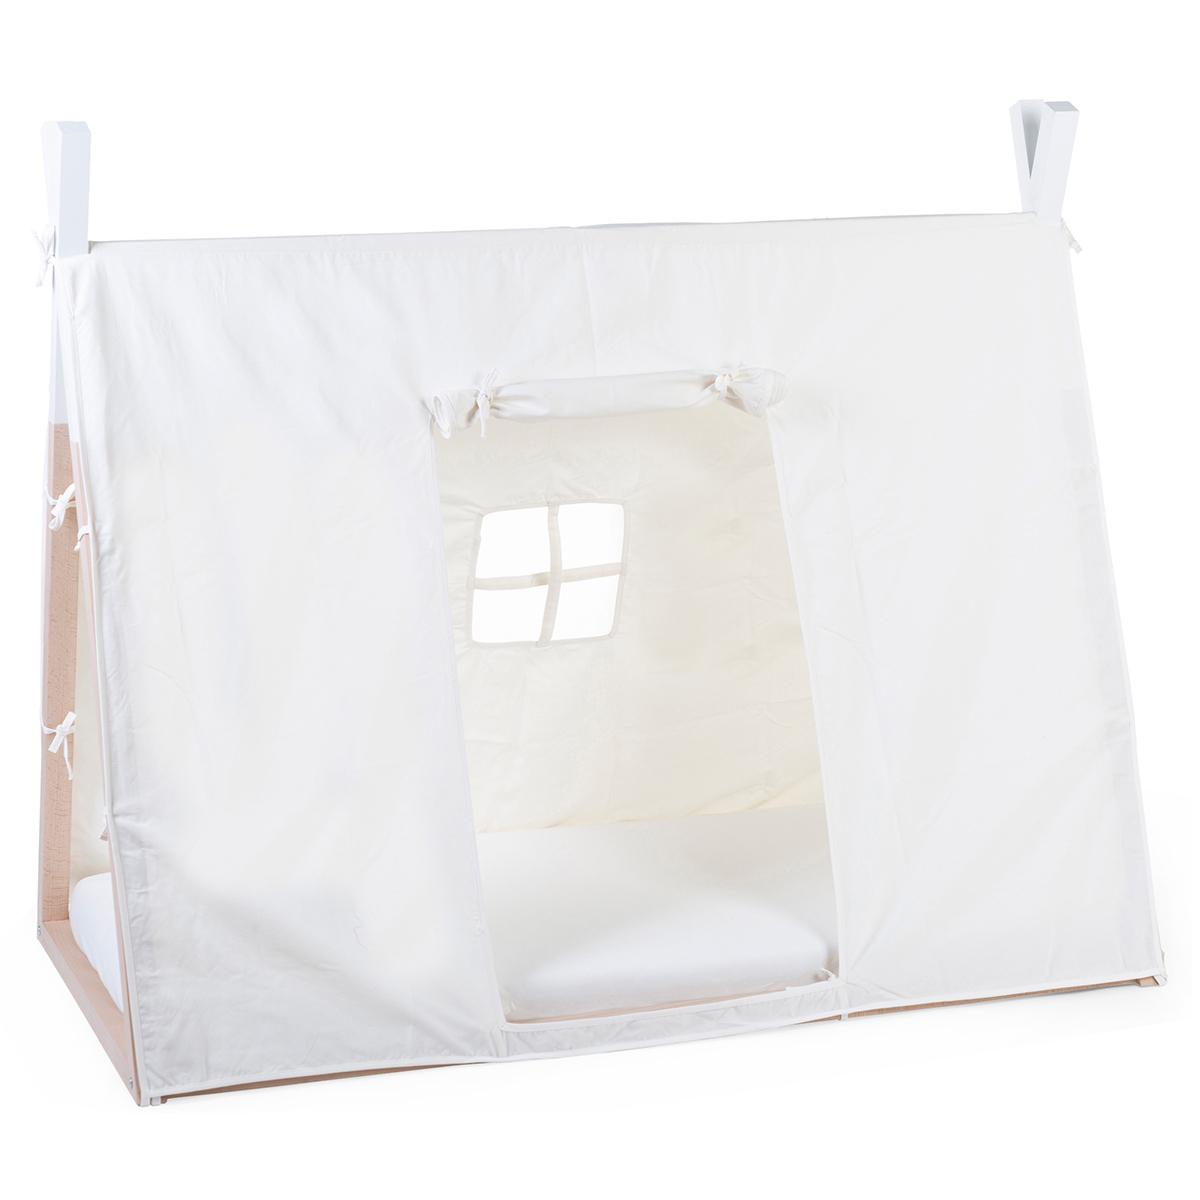 Lit bébé Toile Lit Bébé Tipi Blanc - 70 x 140 cm